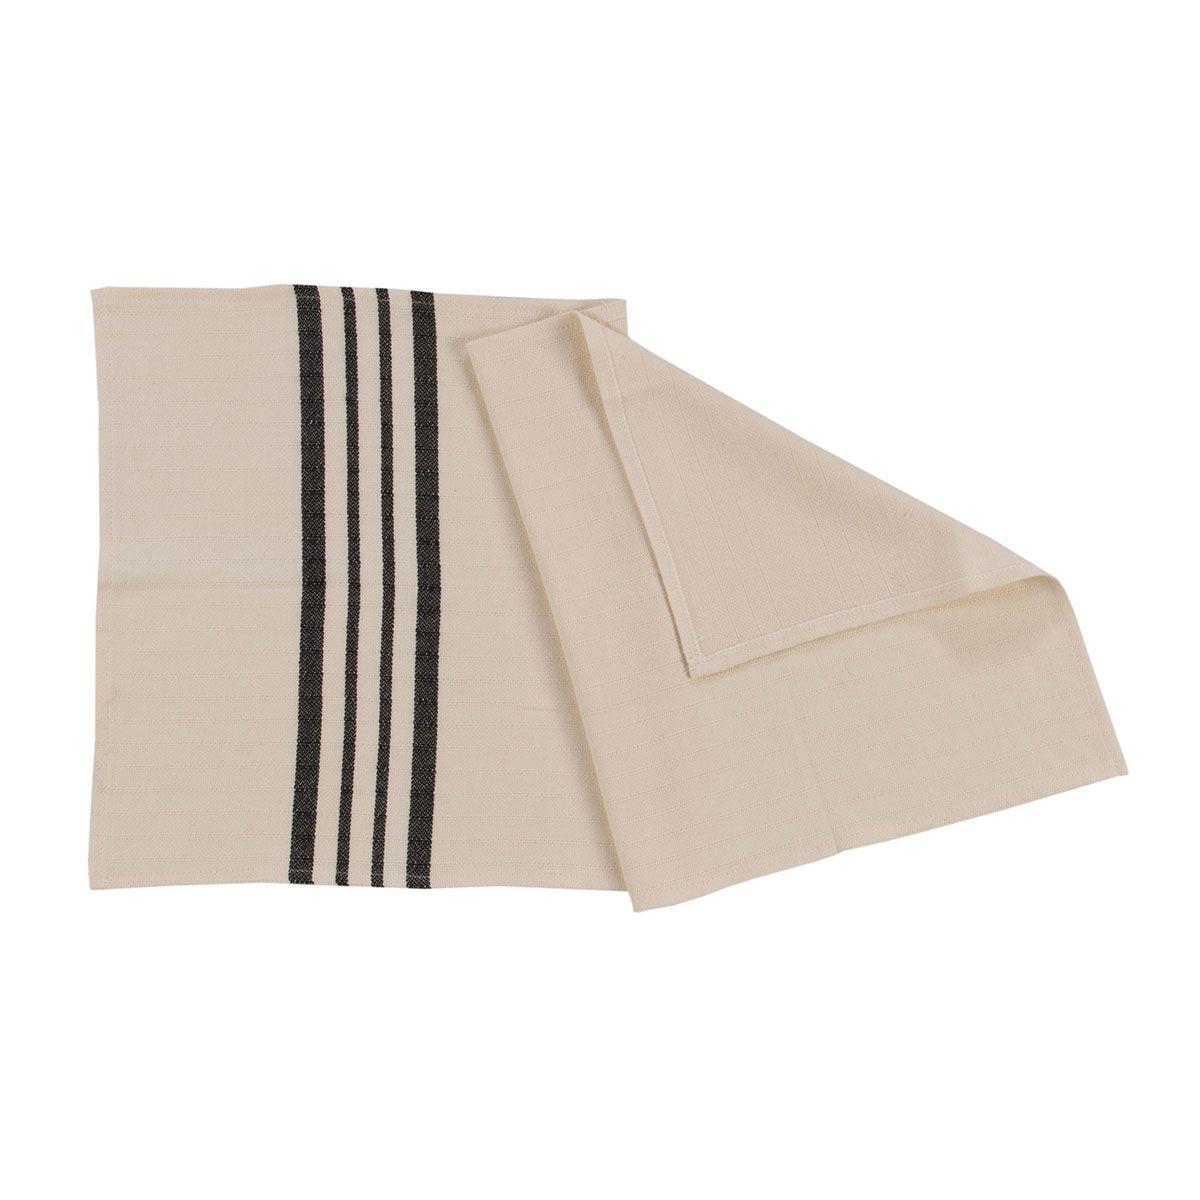 Peshkir Mini Sultan - Black Stripes / 40 x 70